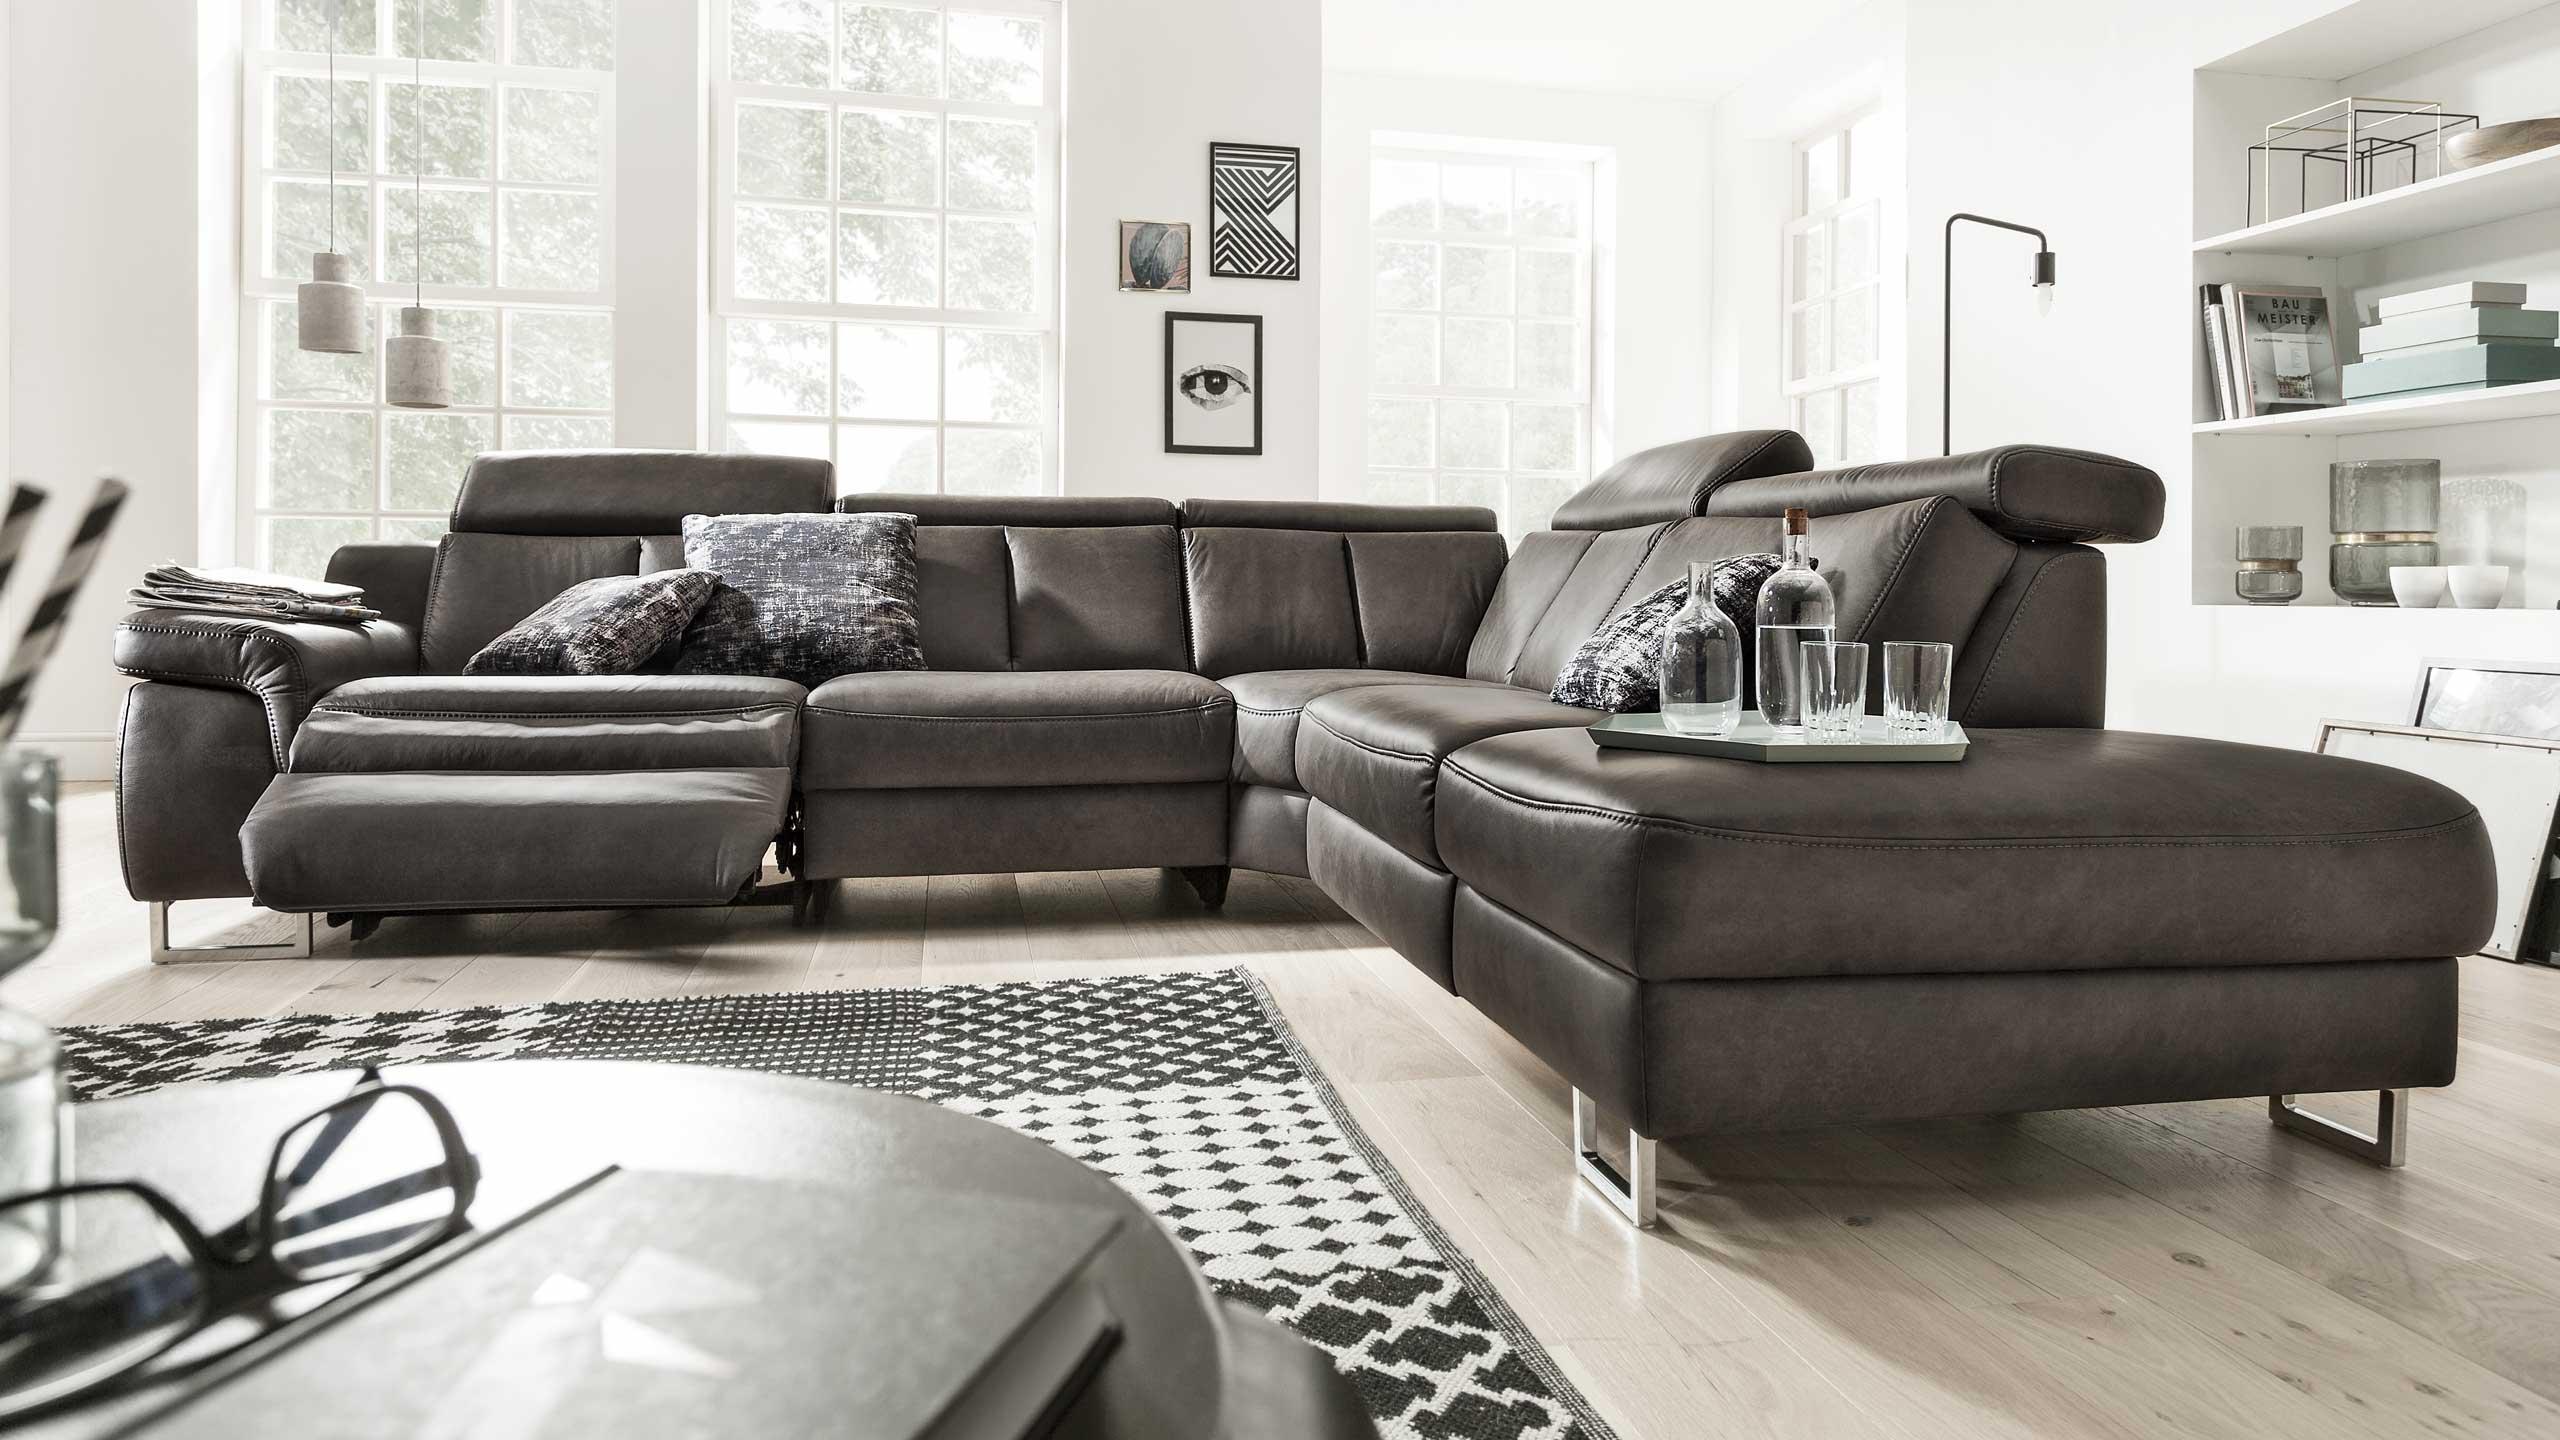 Interliving Sofa Serie 4050 mit Medientisch